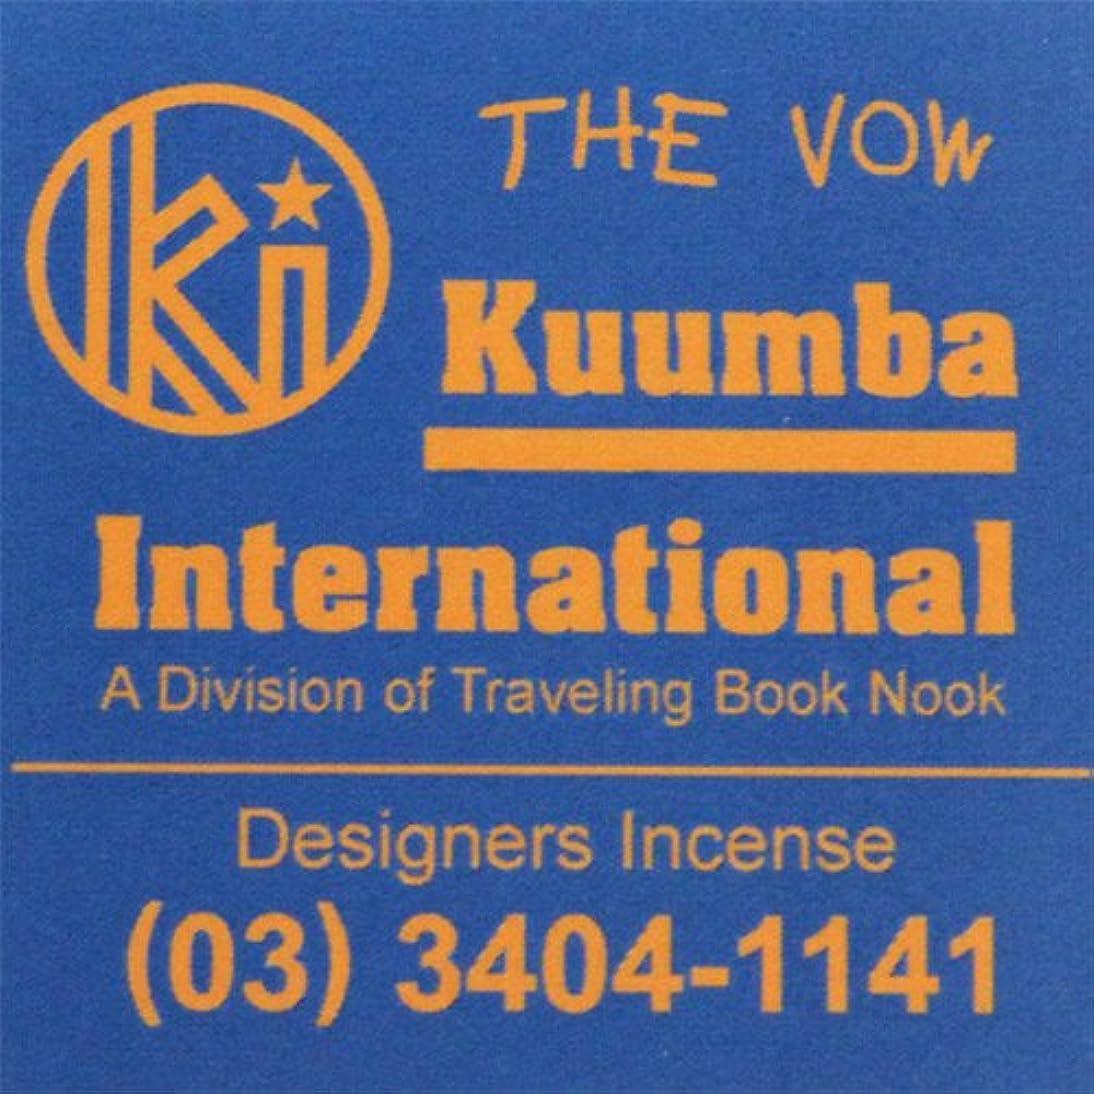 適応的土地治安判事KUUMBA / クンバ『incense』(THE VOW) (Regular size)